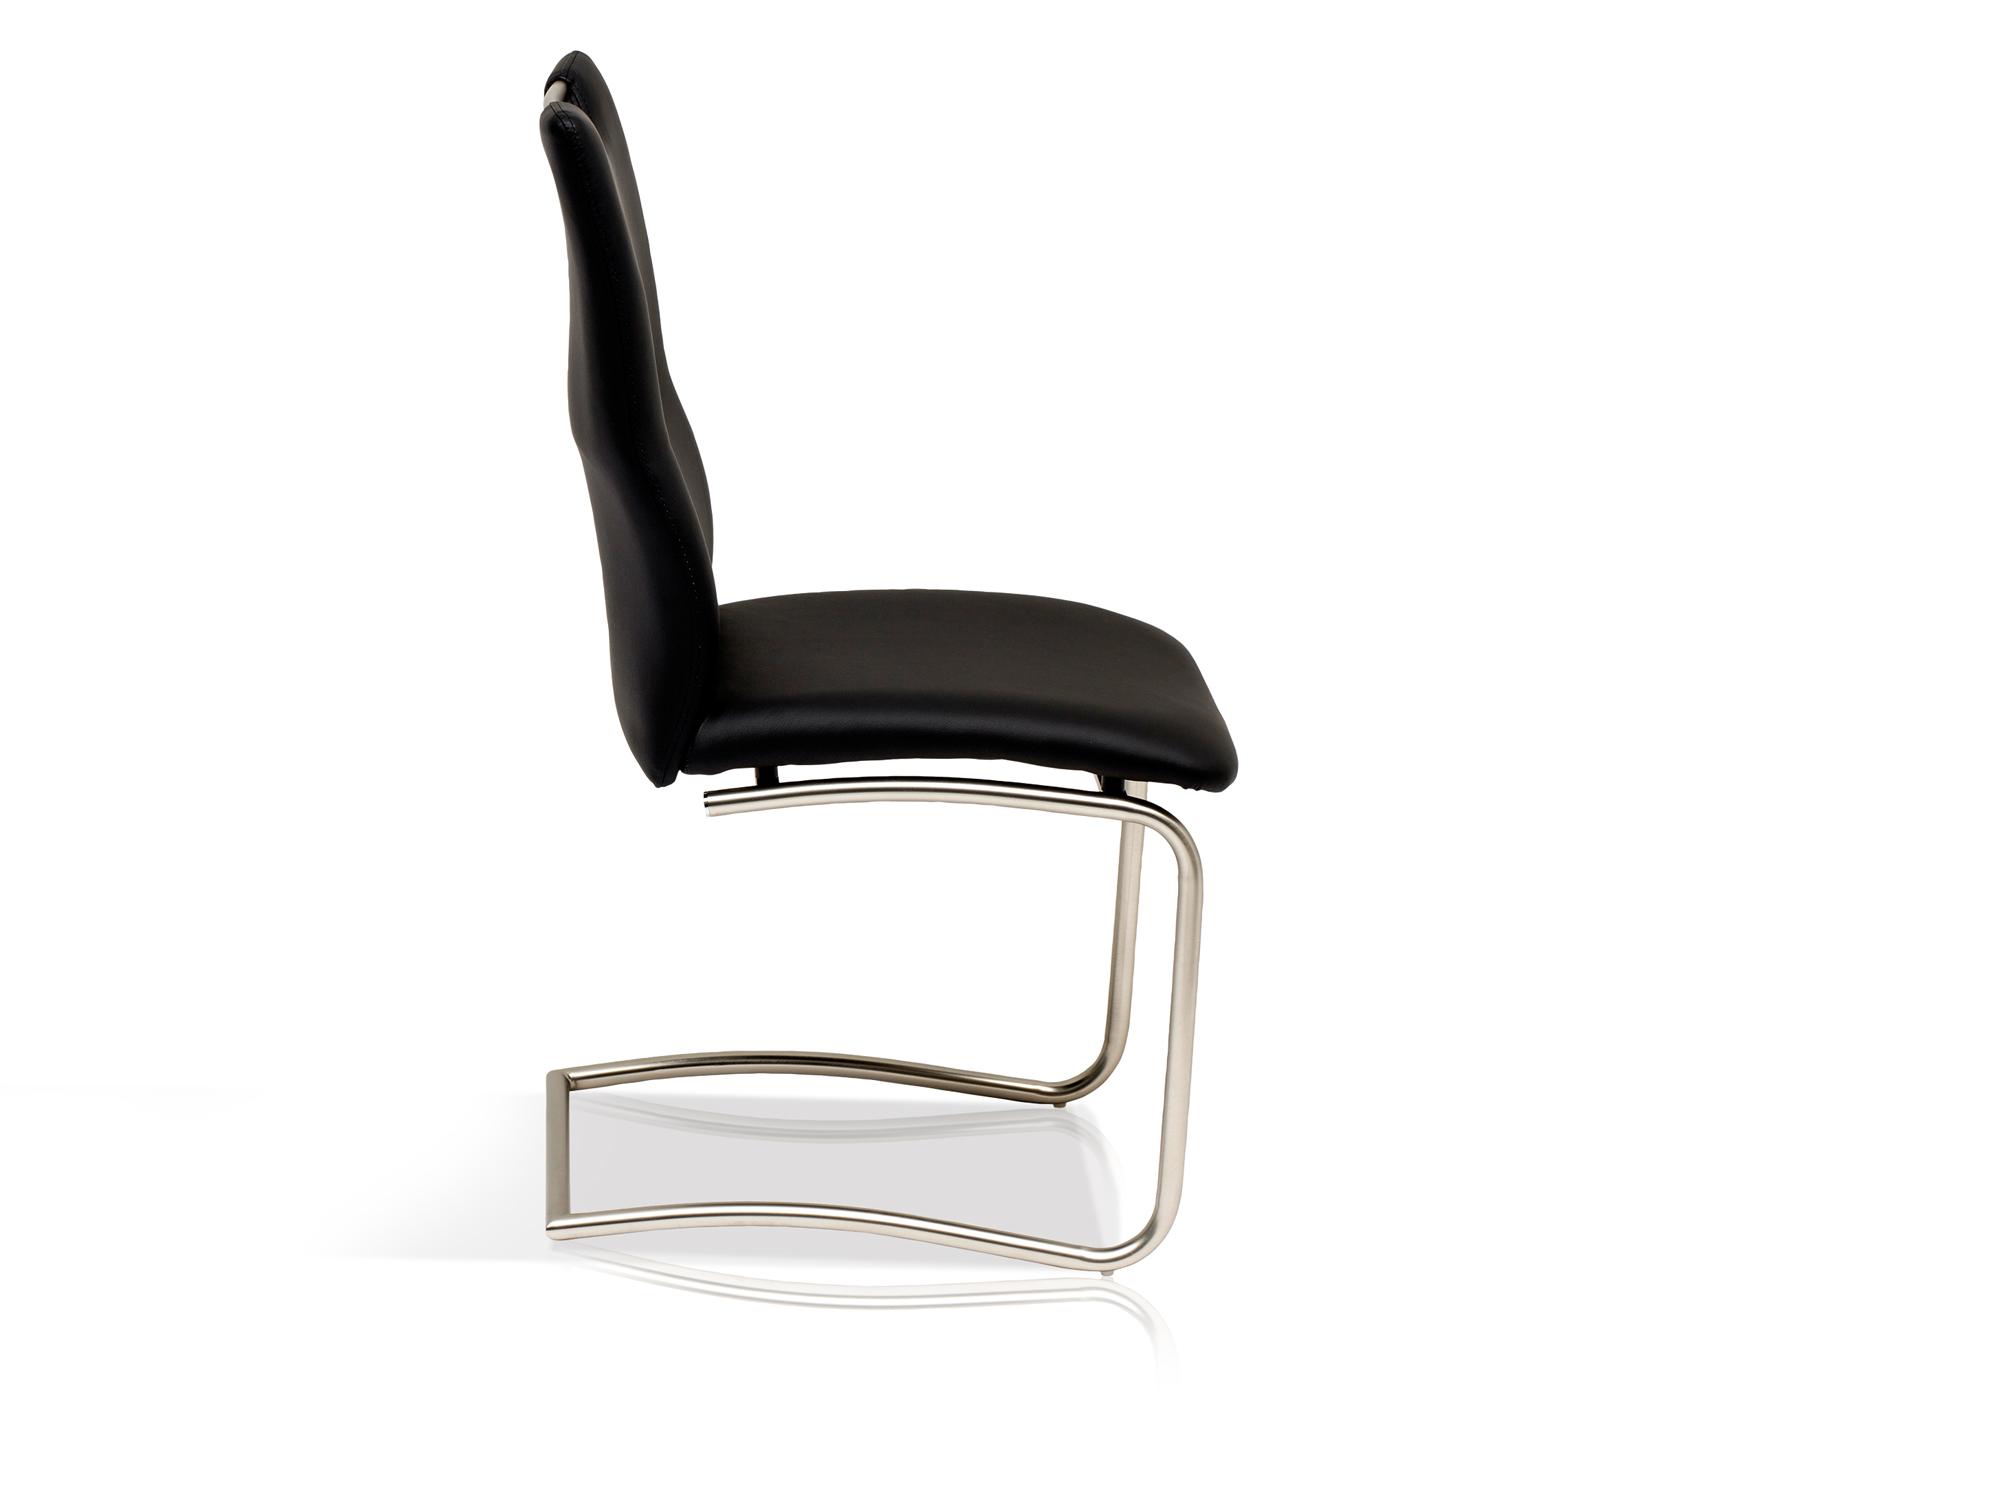 tina schwingstuhl schwarz. Black Bedroom Furniture Sets. Home Design Ideas